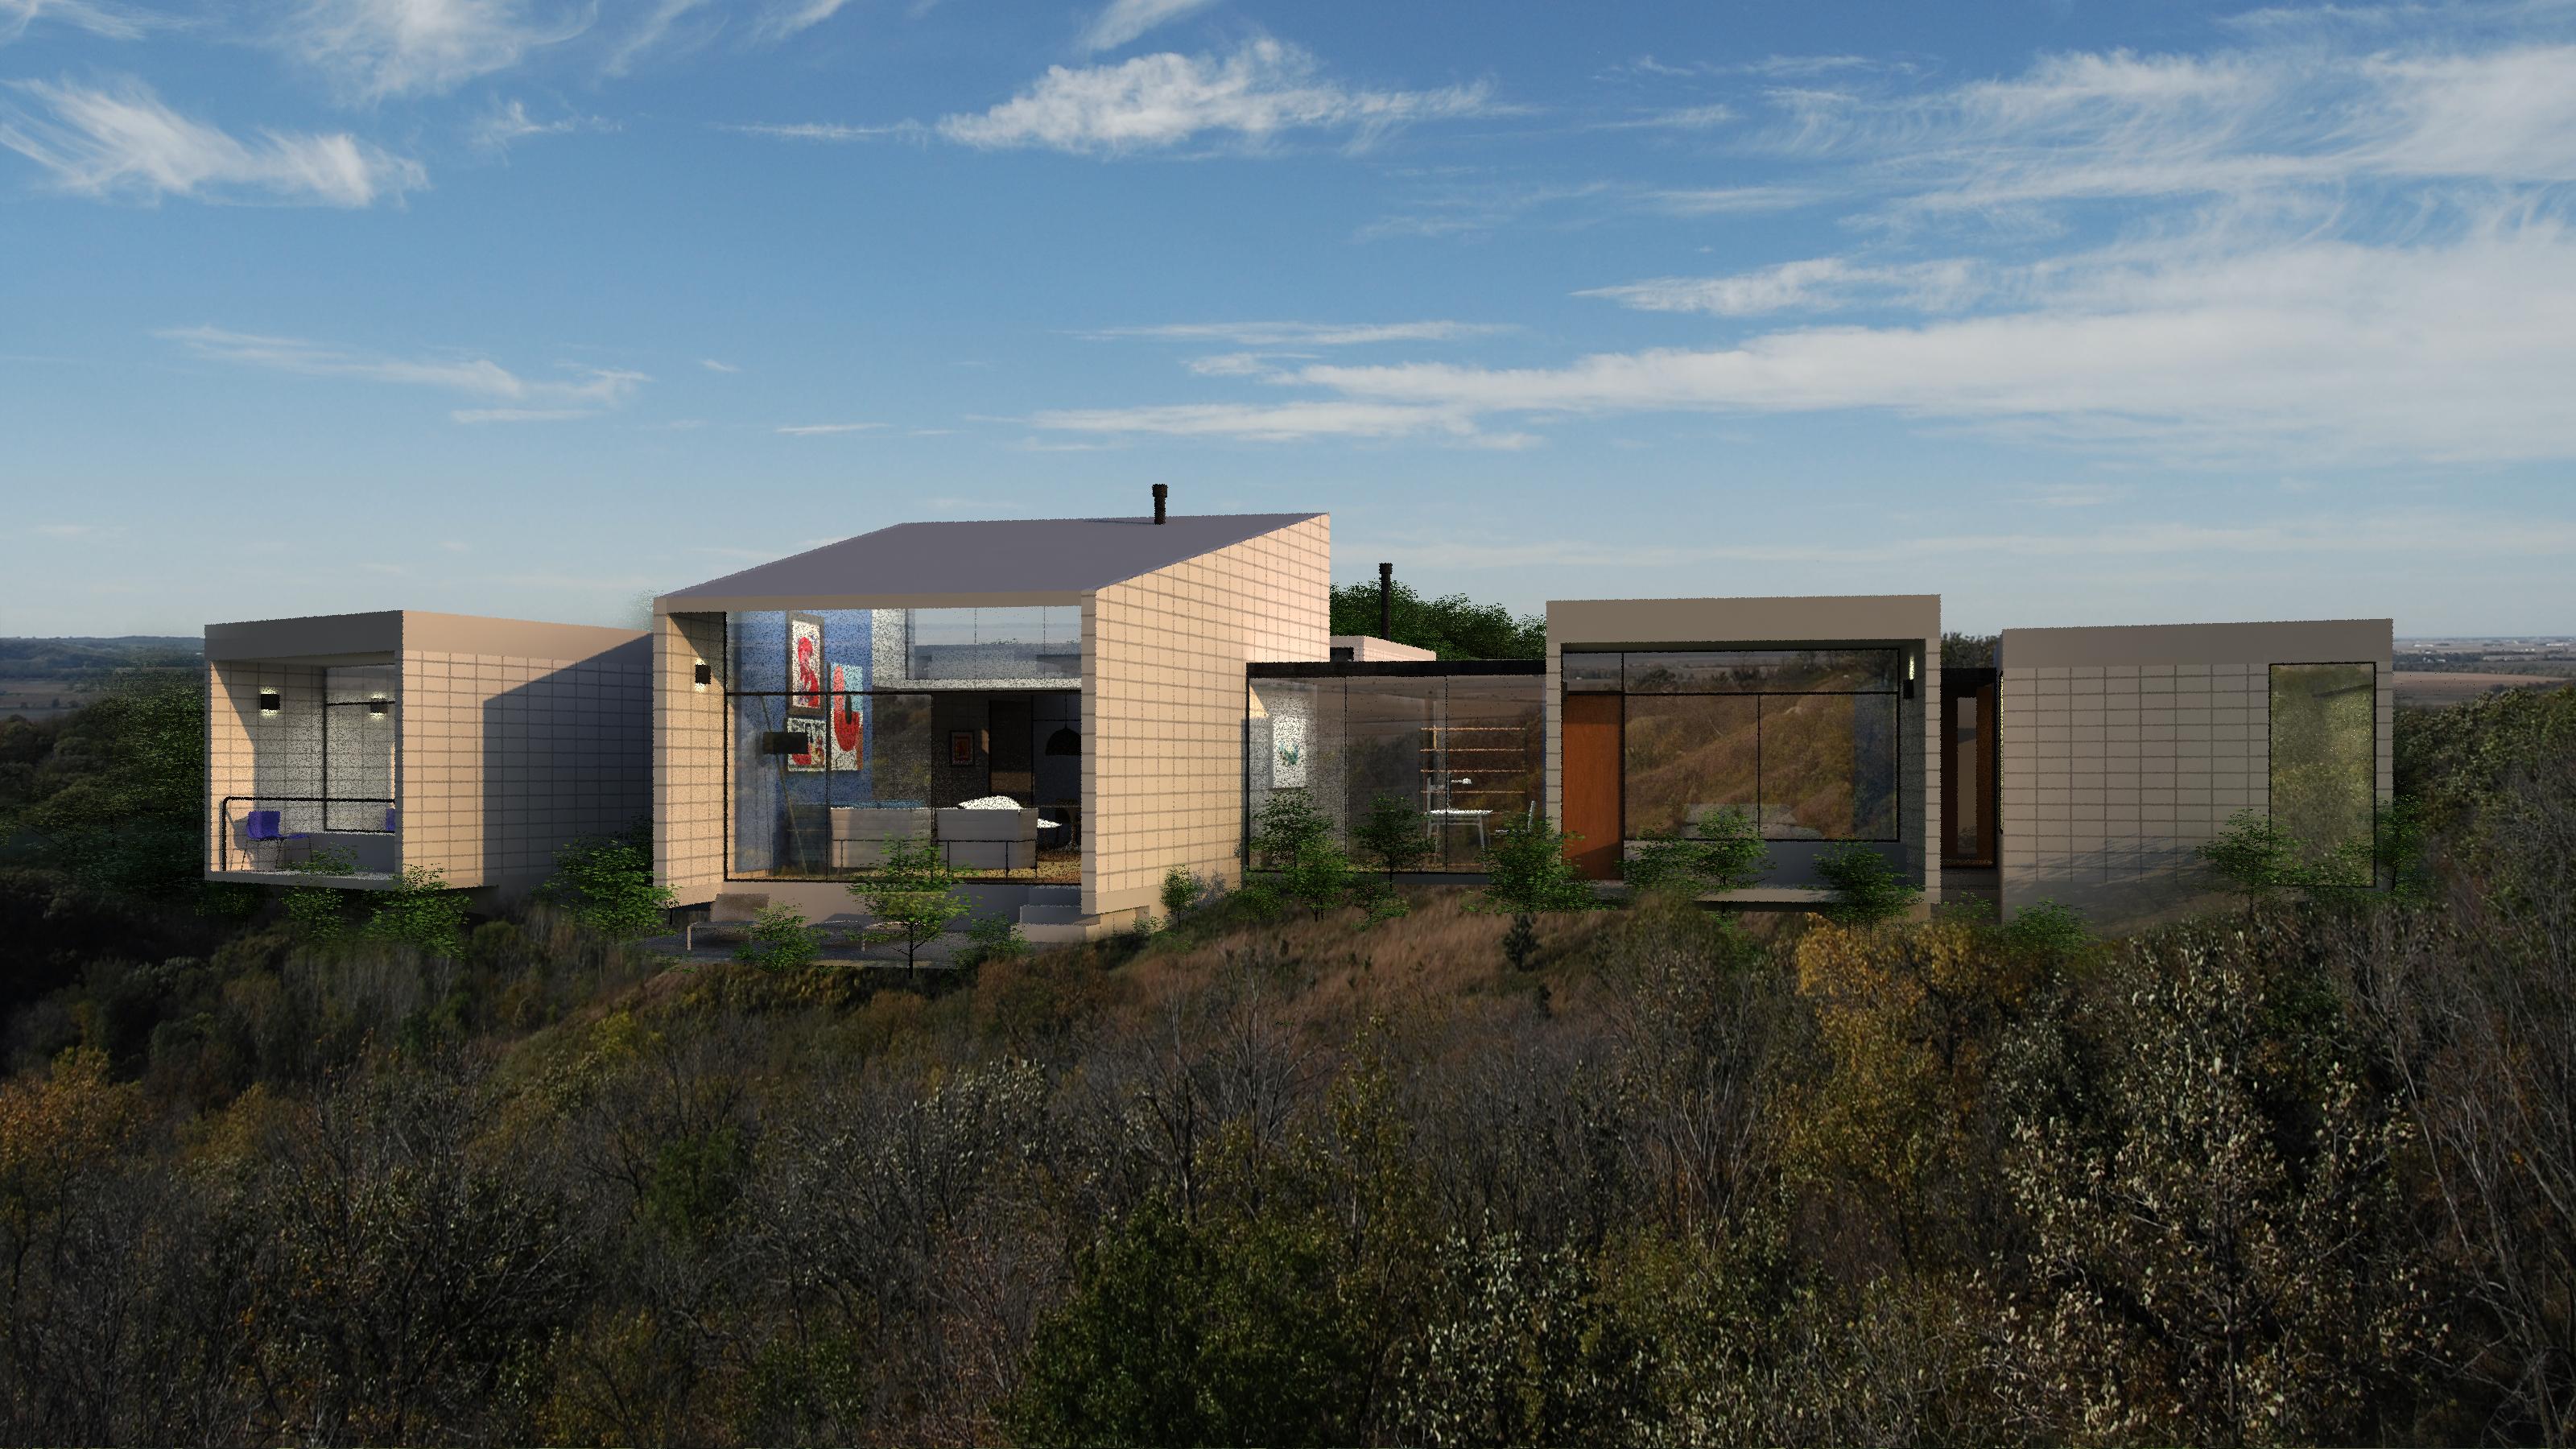 Na arquitetura em módulos, a proposta é uma residência não monolítica.